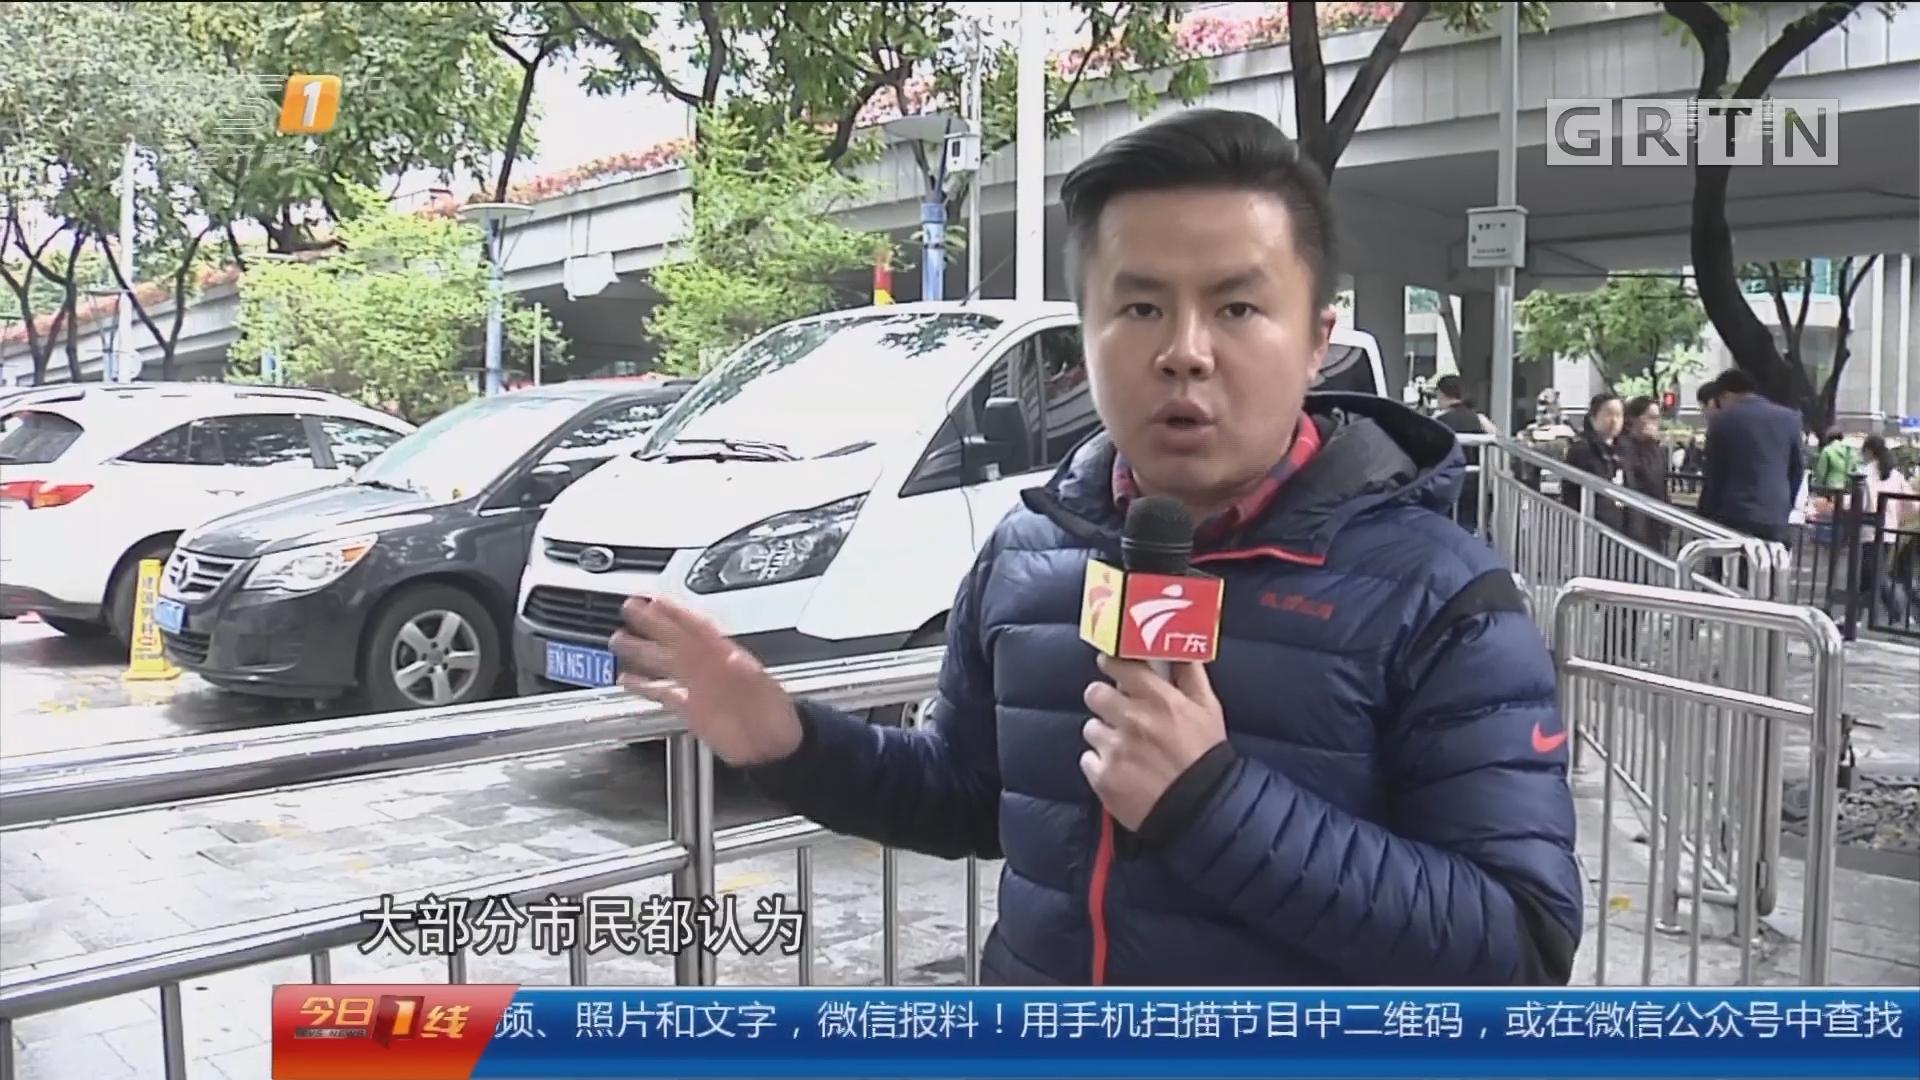 小区停车费:广州一小区 月保停车费突涨300元